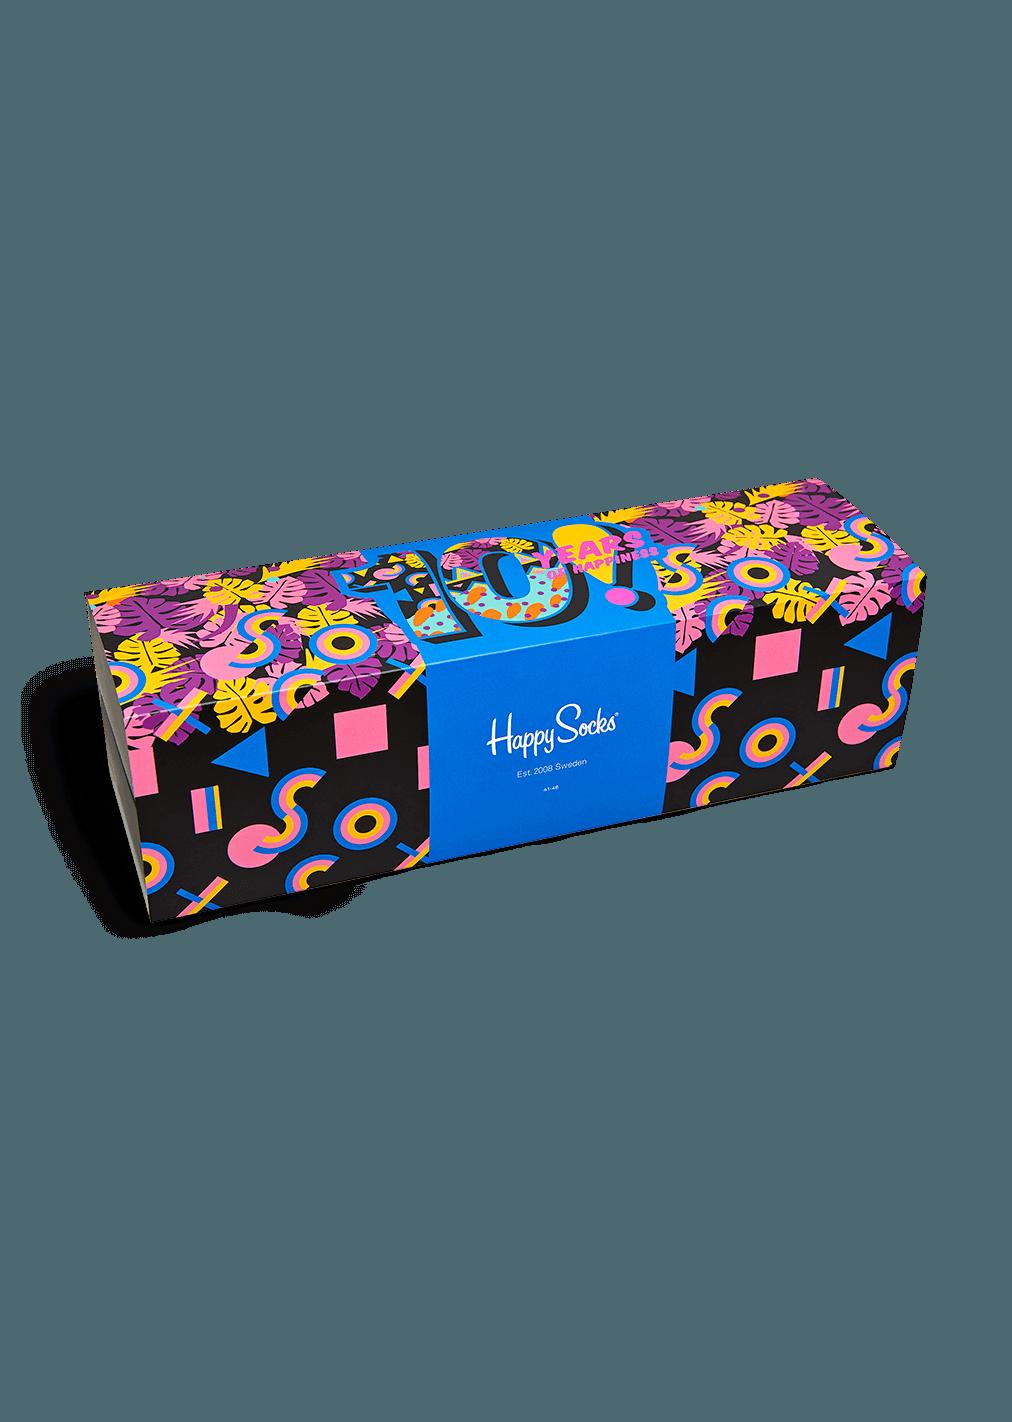 10 Year Anniversary Socks Gift Box